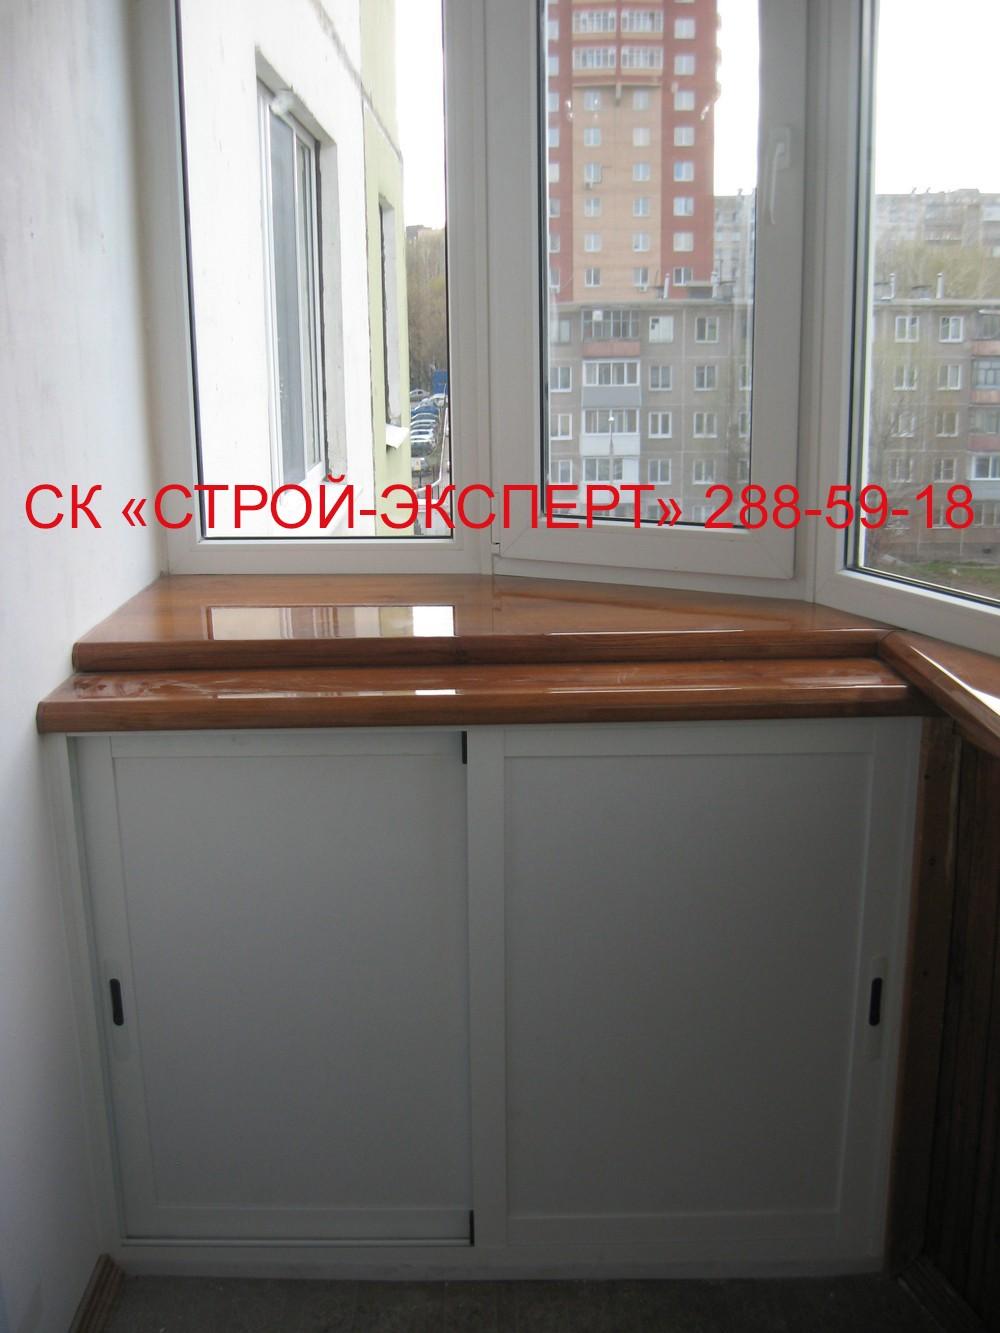 ФОТО-ГАЛЕРЕЯ - ДО и ПОСЛЕ остекления балконы (лоджии) - Балкон под ключ Пермь 288-59-19